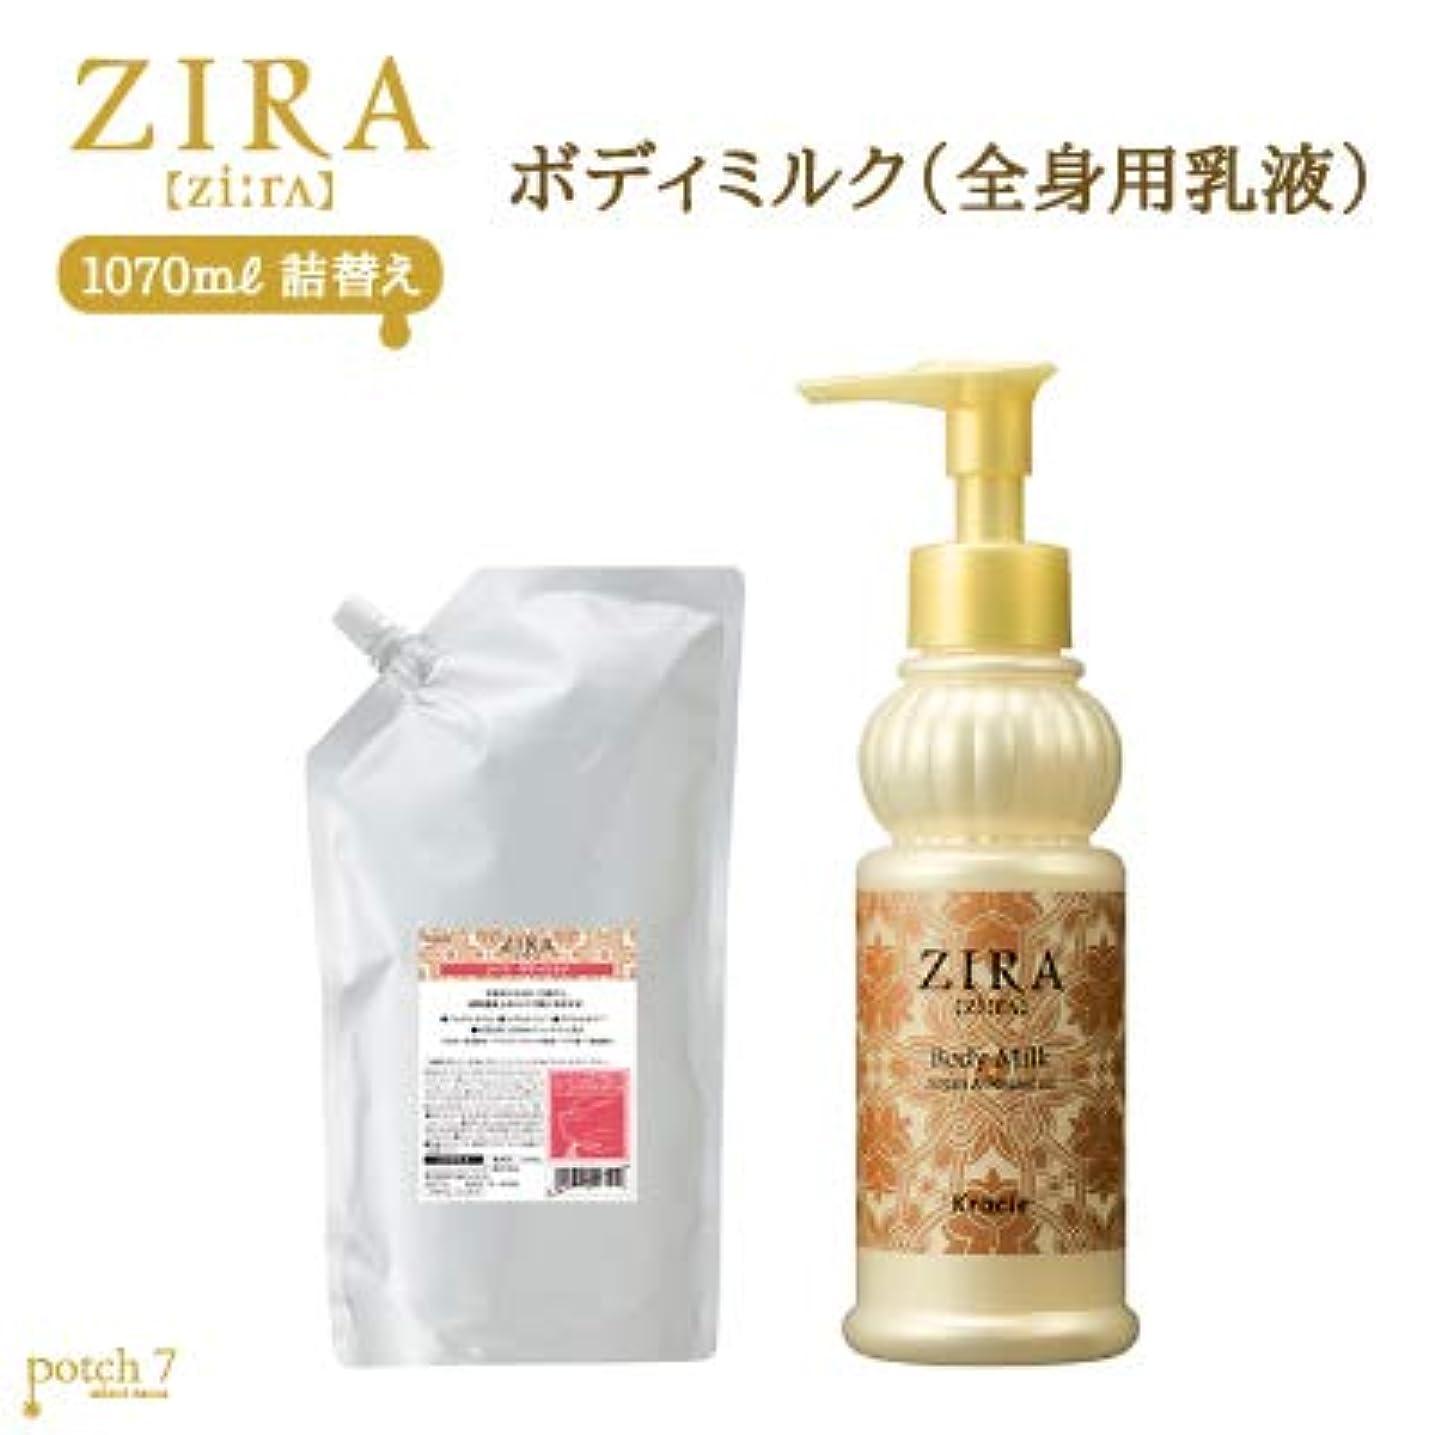 スーパー匹敵しますアクティビティkracie(クラシエ) ZIRA ジーラ ボディミルク 乳液 1070ml 業務用サイズ 詰替え 150ml×1本